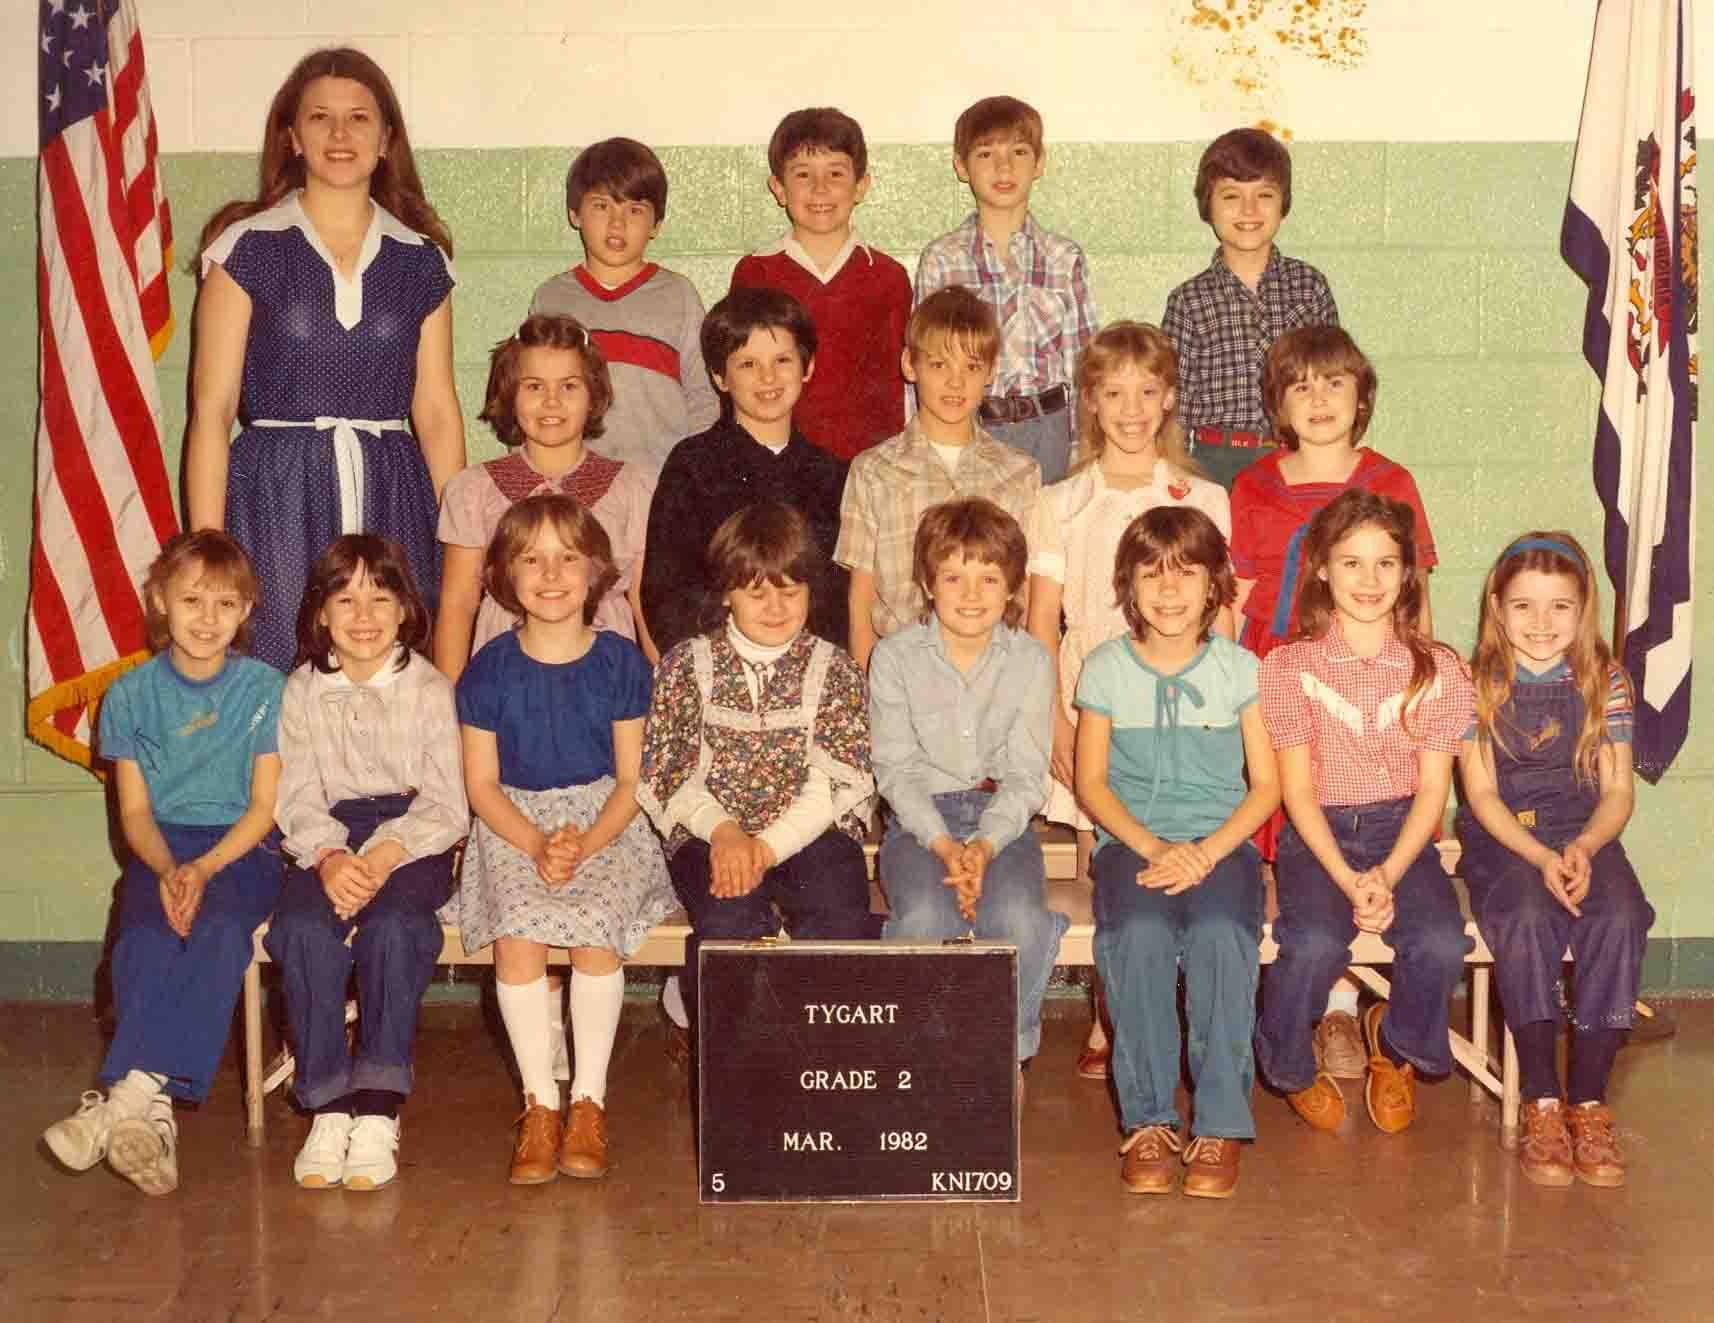 TYGART SCHOOL 1982 2nd 3RD GRADE